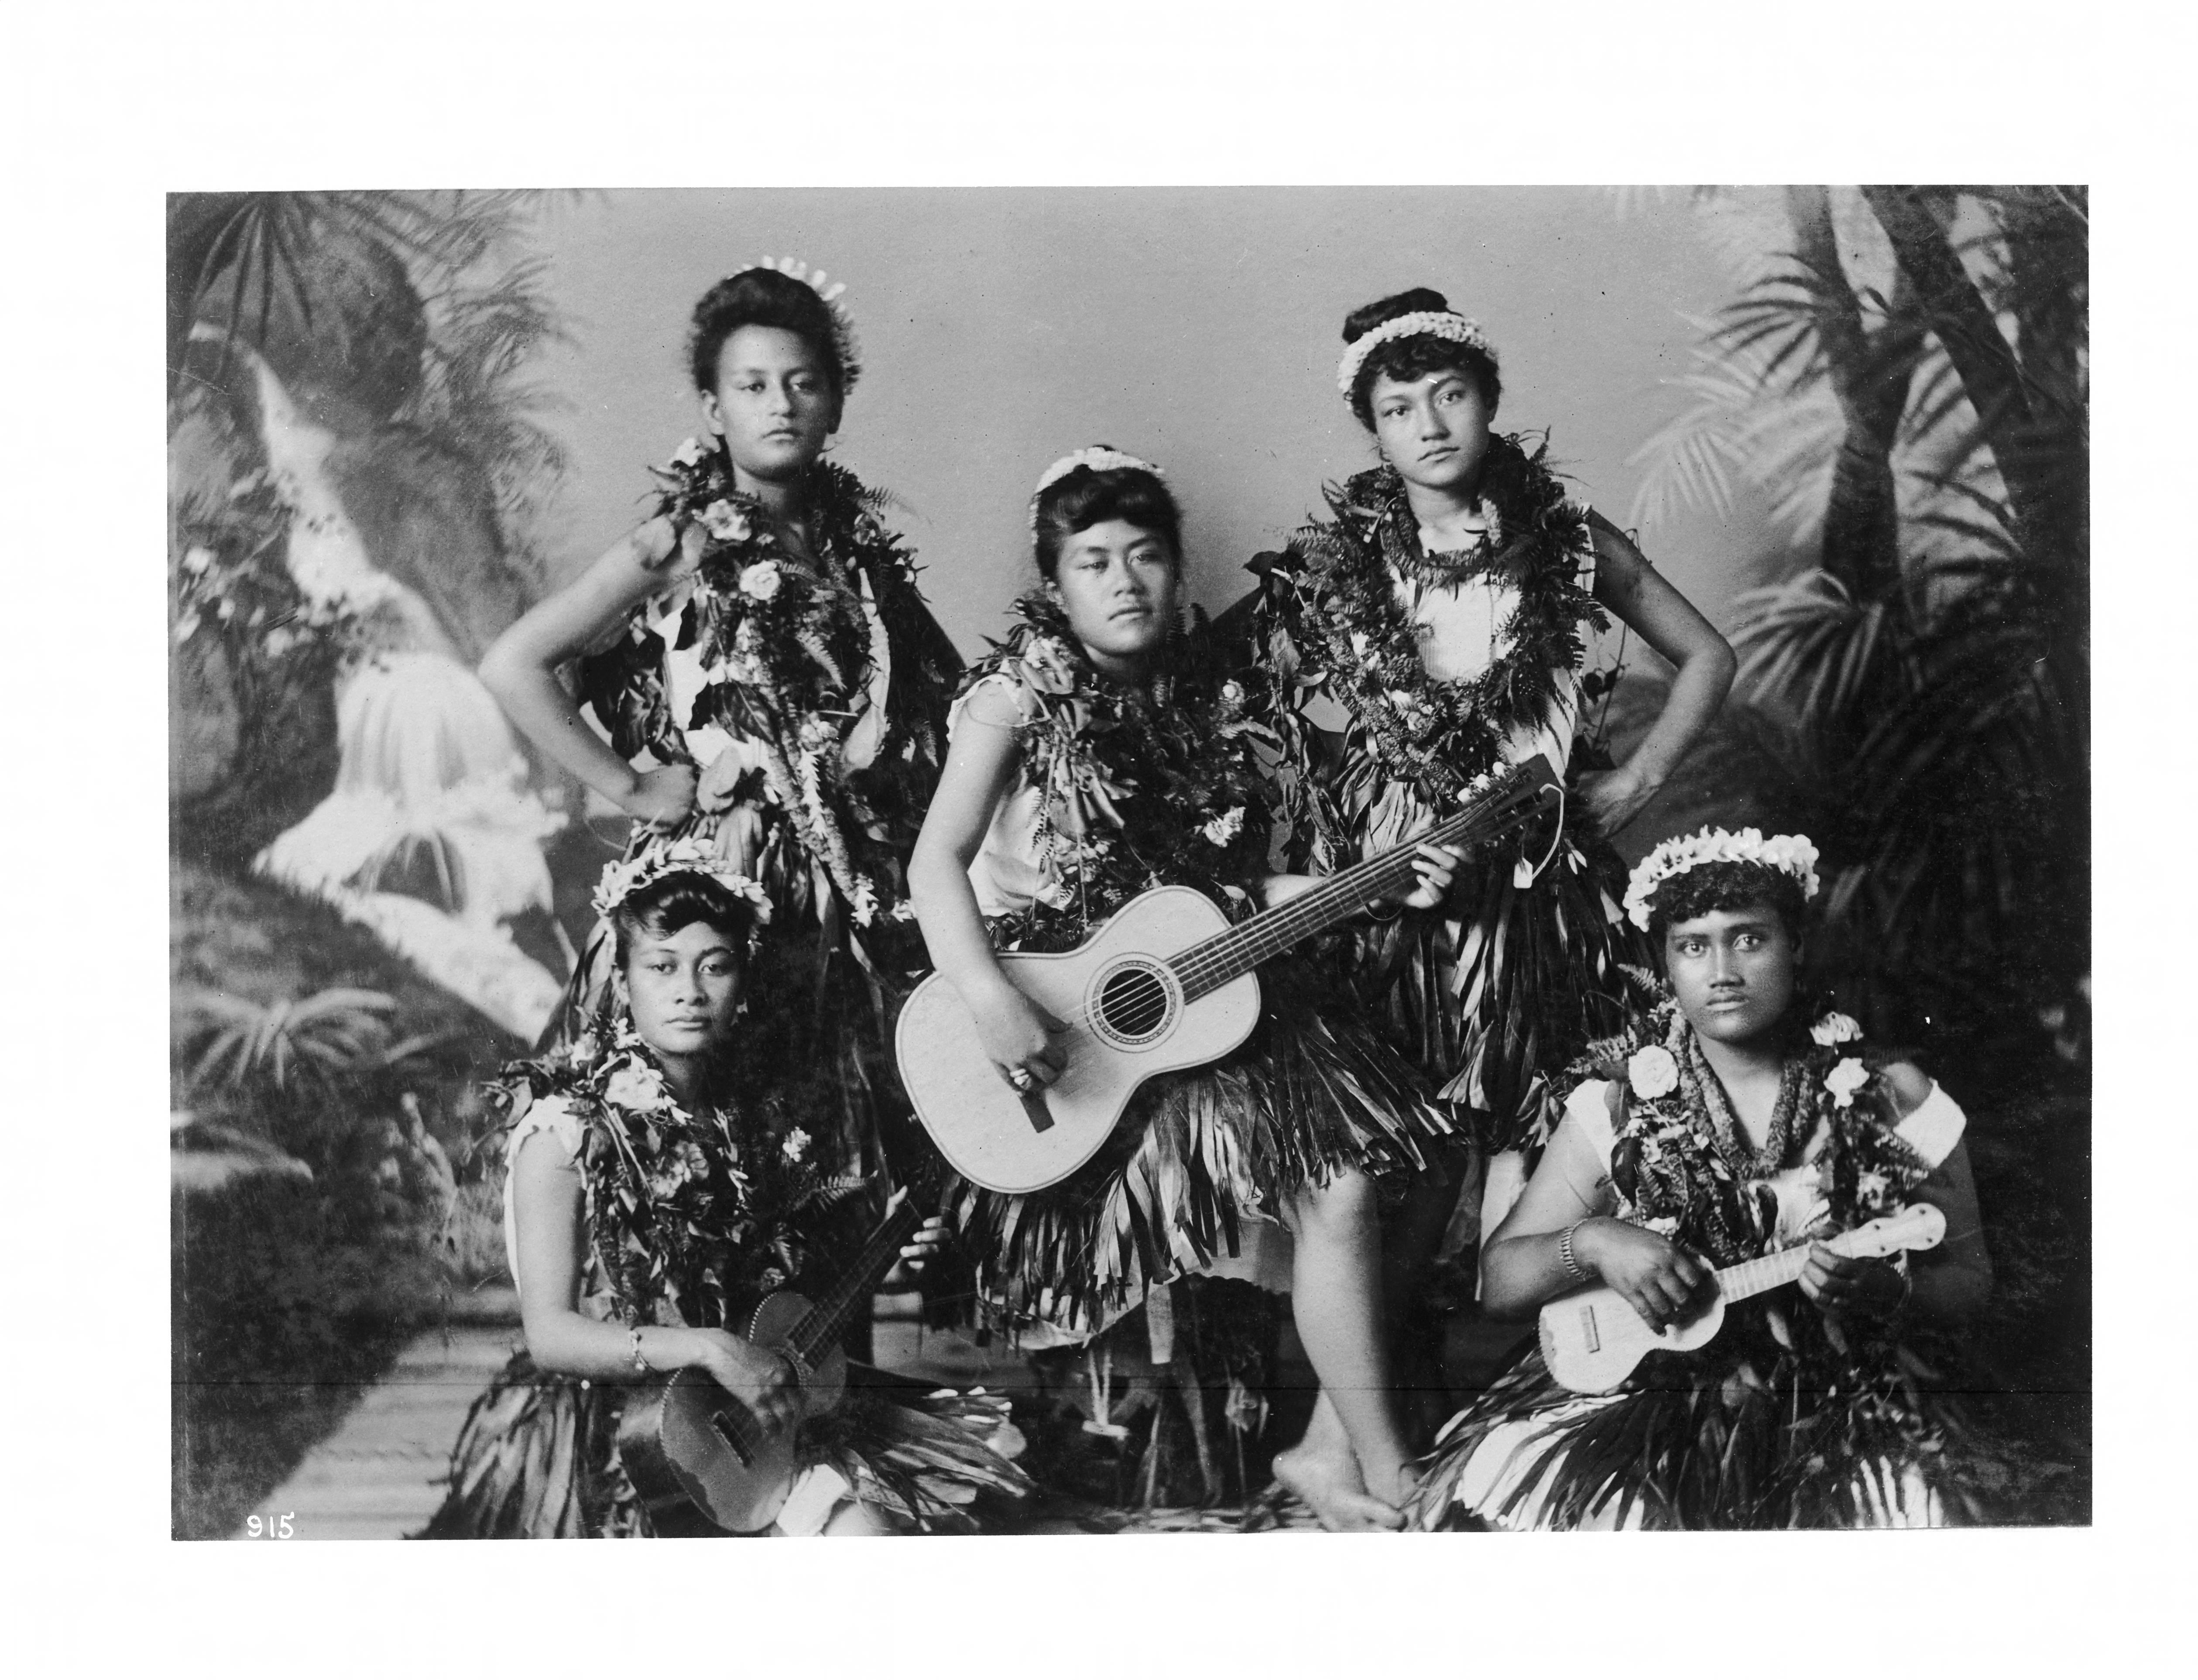 cinq musiciennes et danseuses hawaïennes